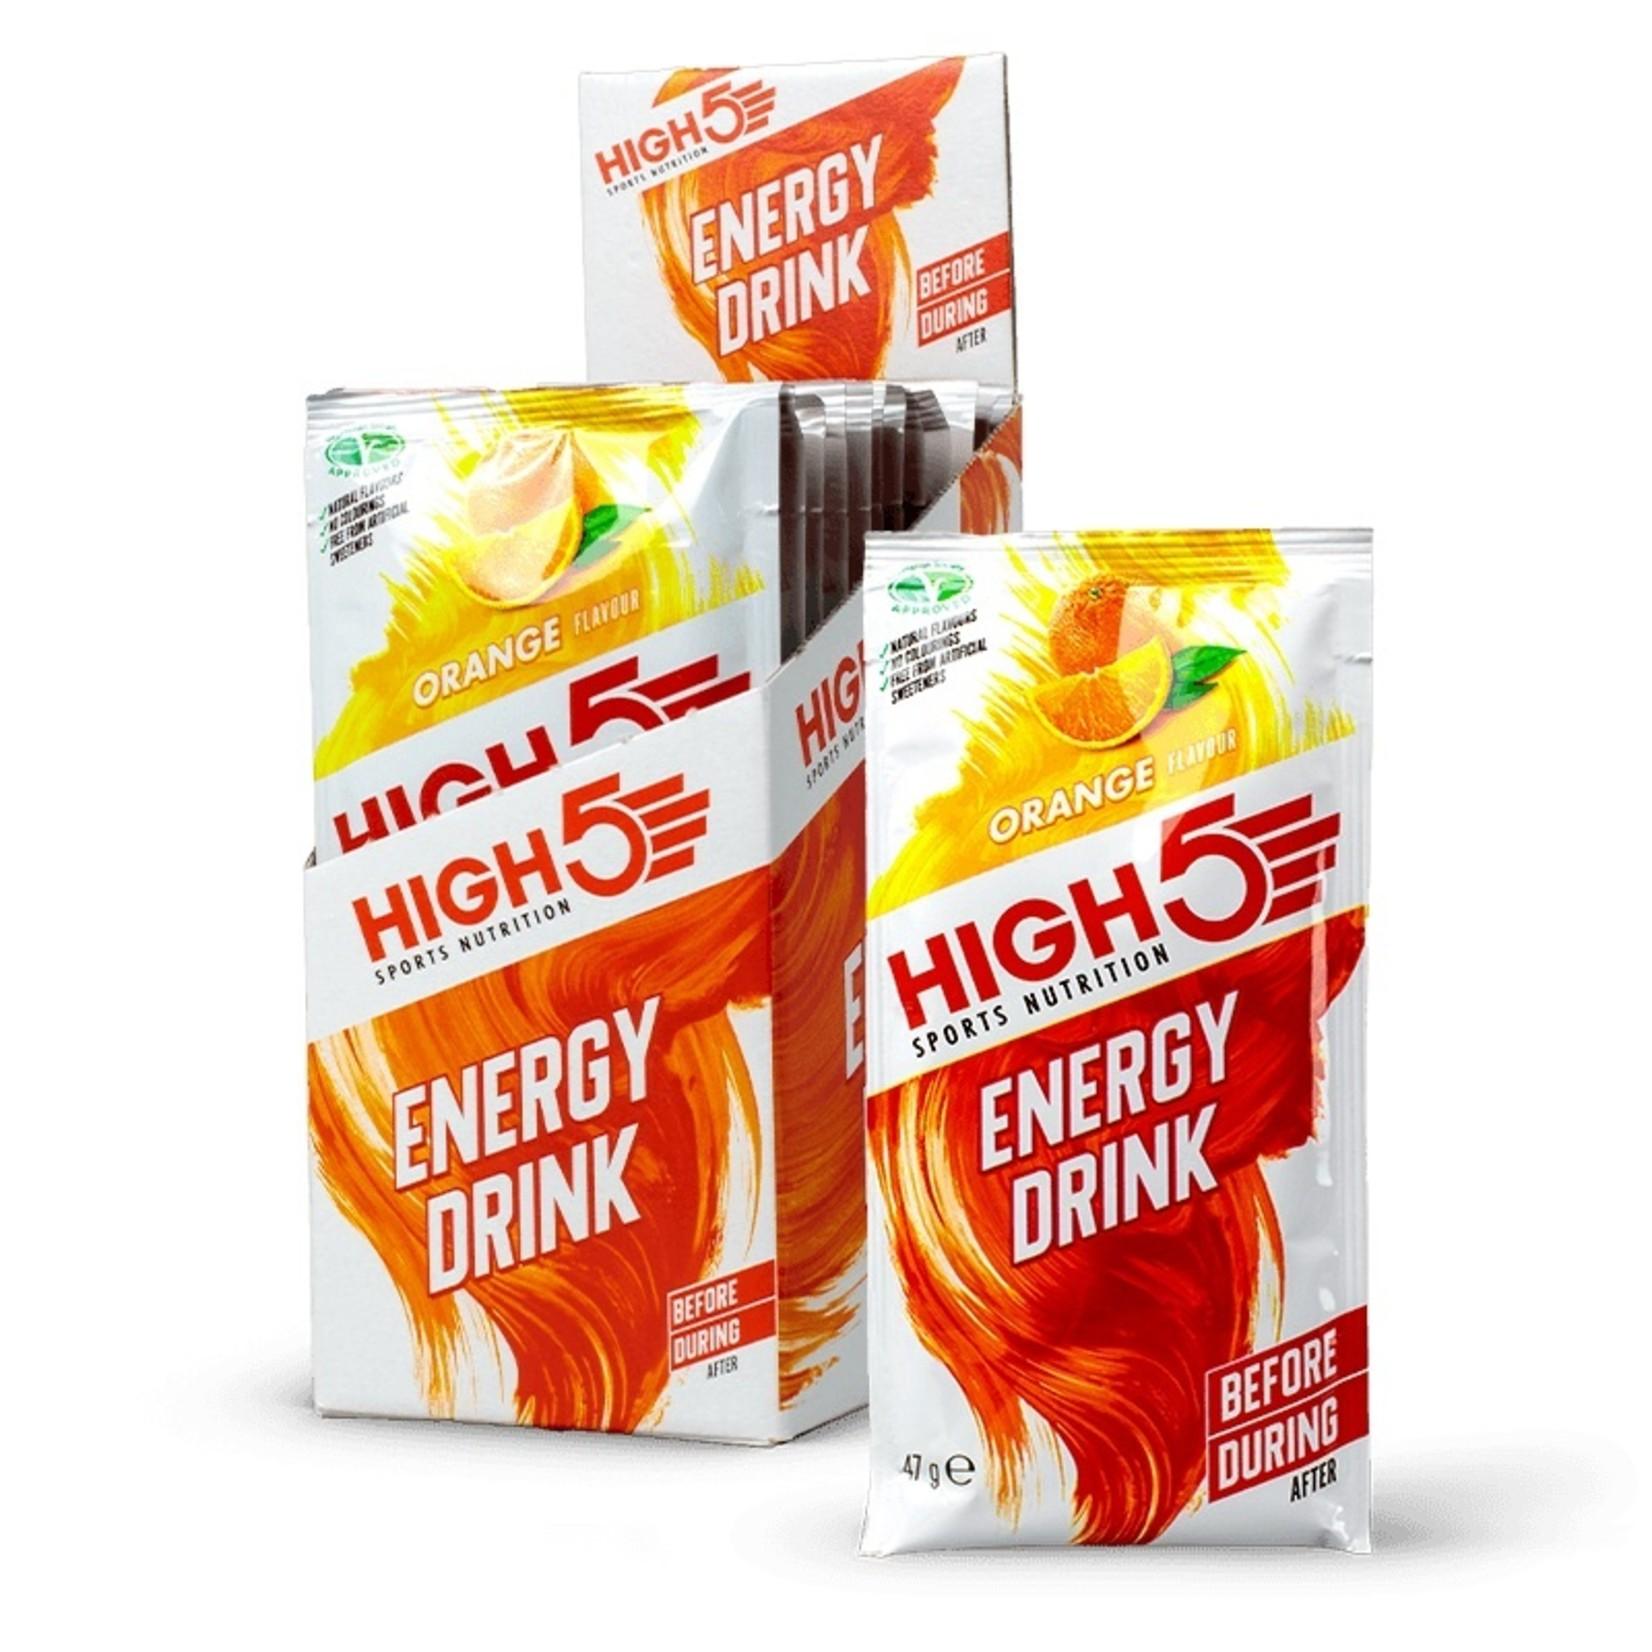 High 5 HIGH 5 ENERGY DRINK